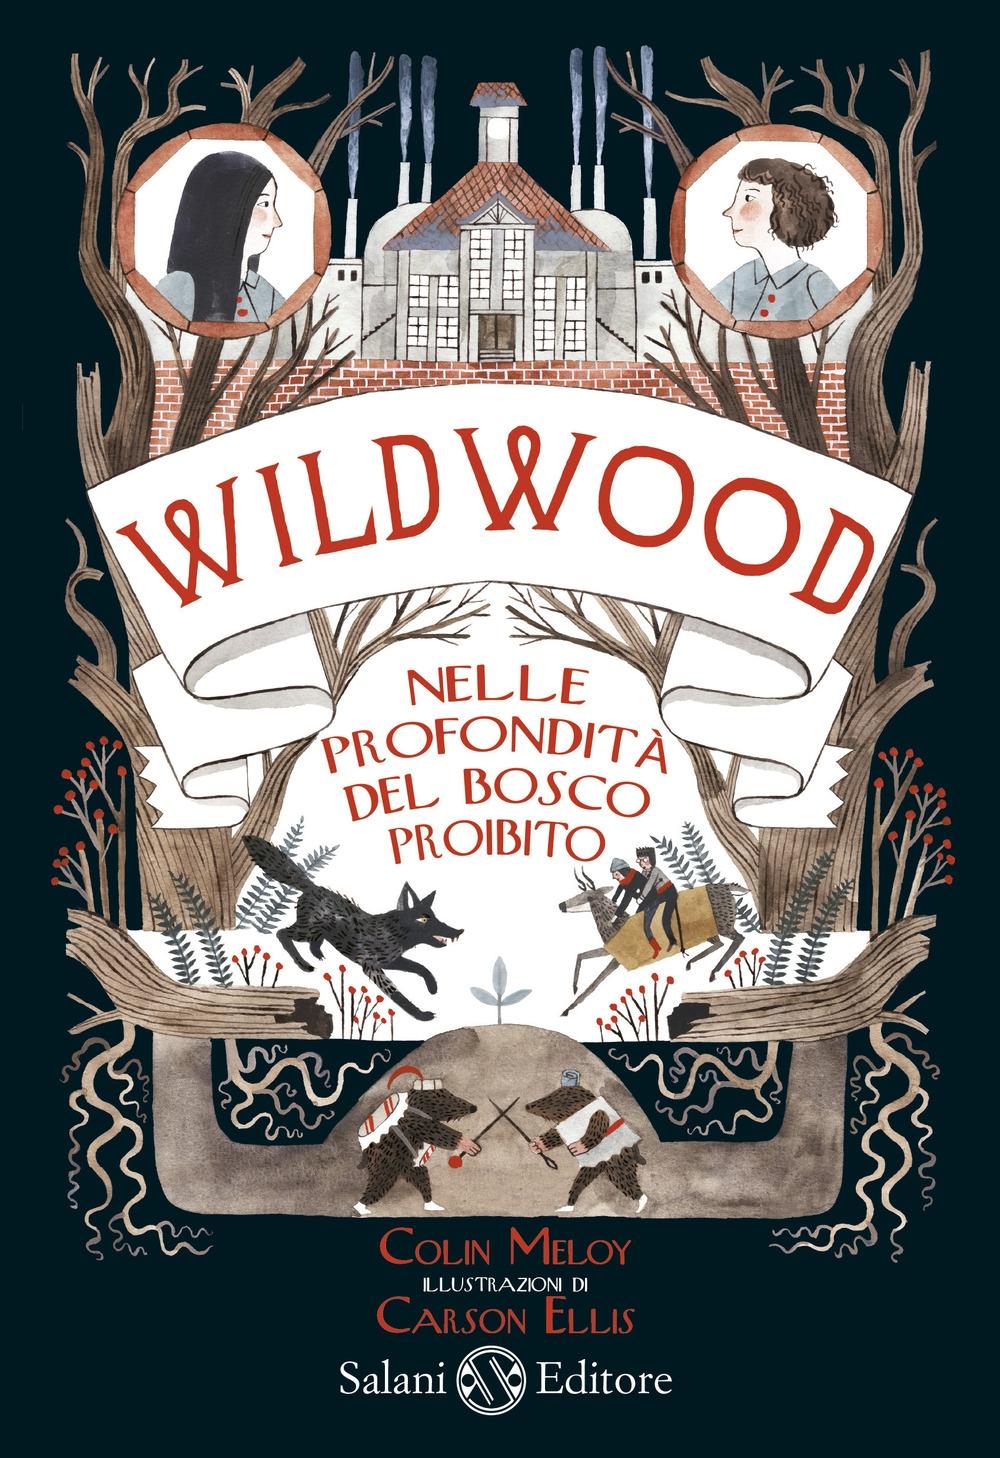 Nelle profondità del bosco proibito. Wildwood